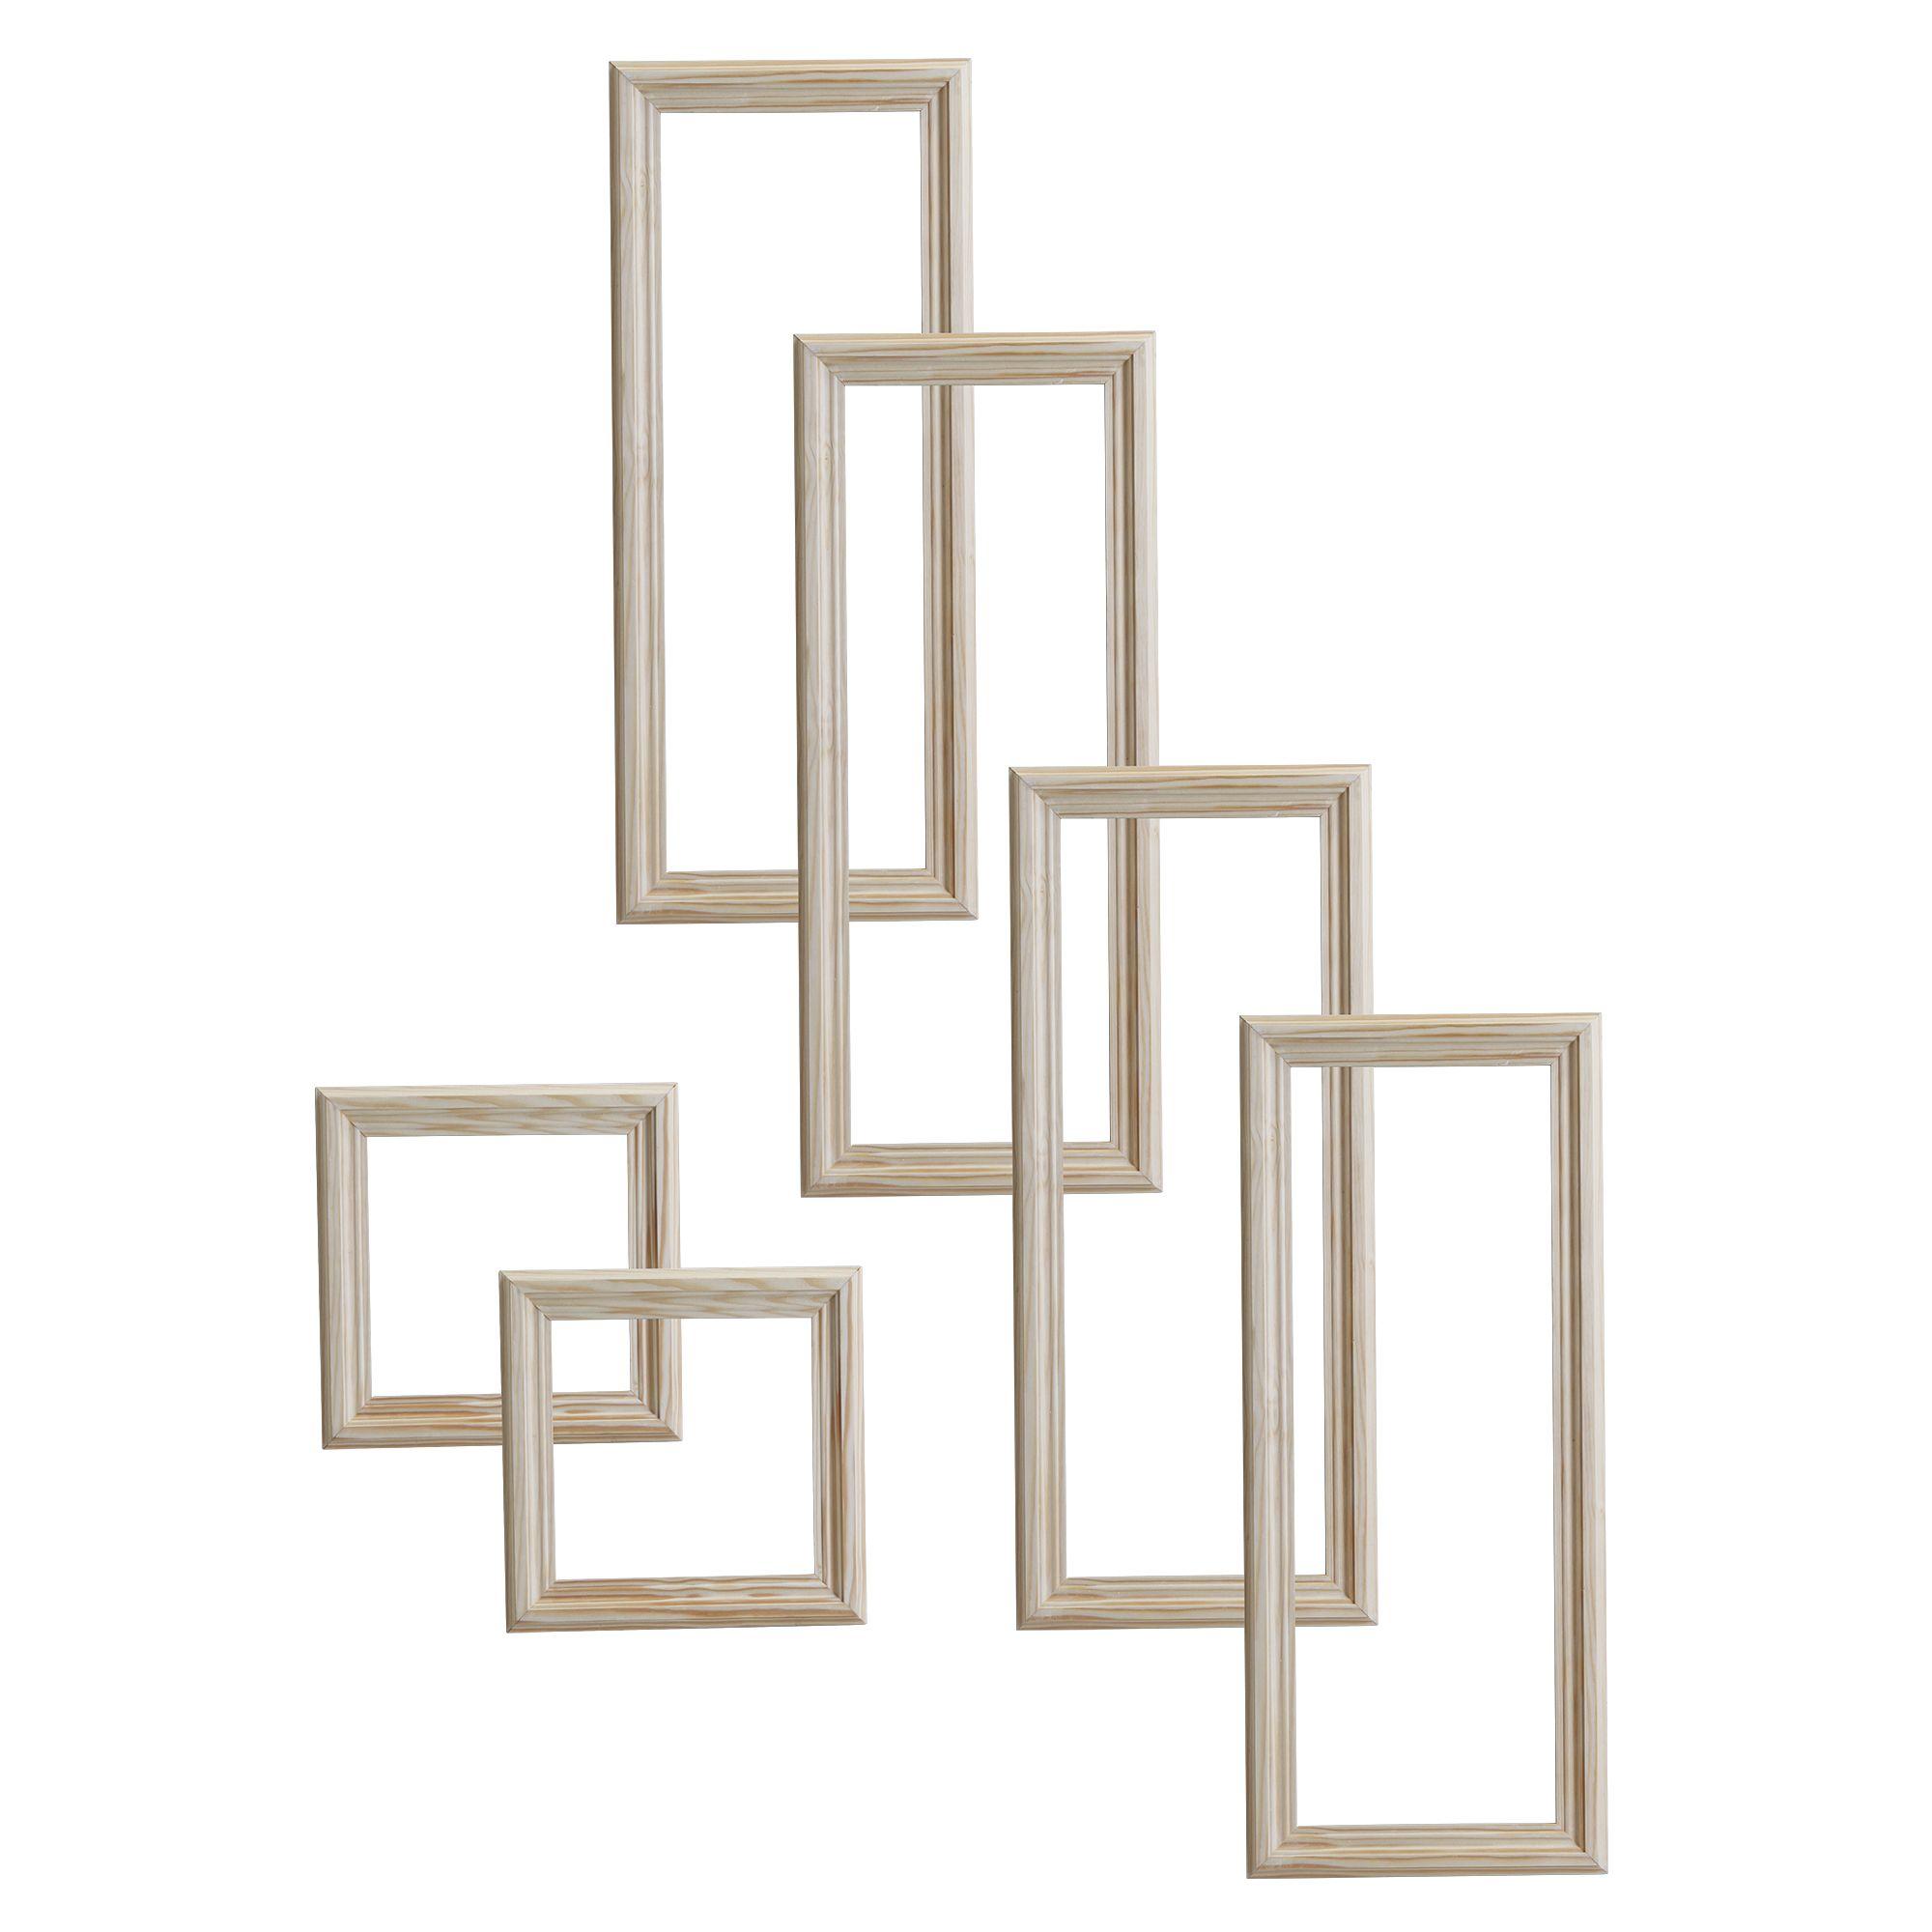 Awesome Pine 6 Panel Door Moulding Kit | Departments | DIY At Bu0026Q.